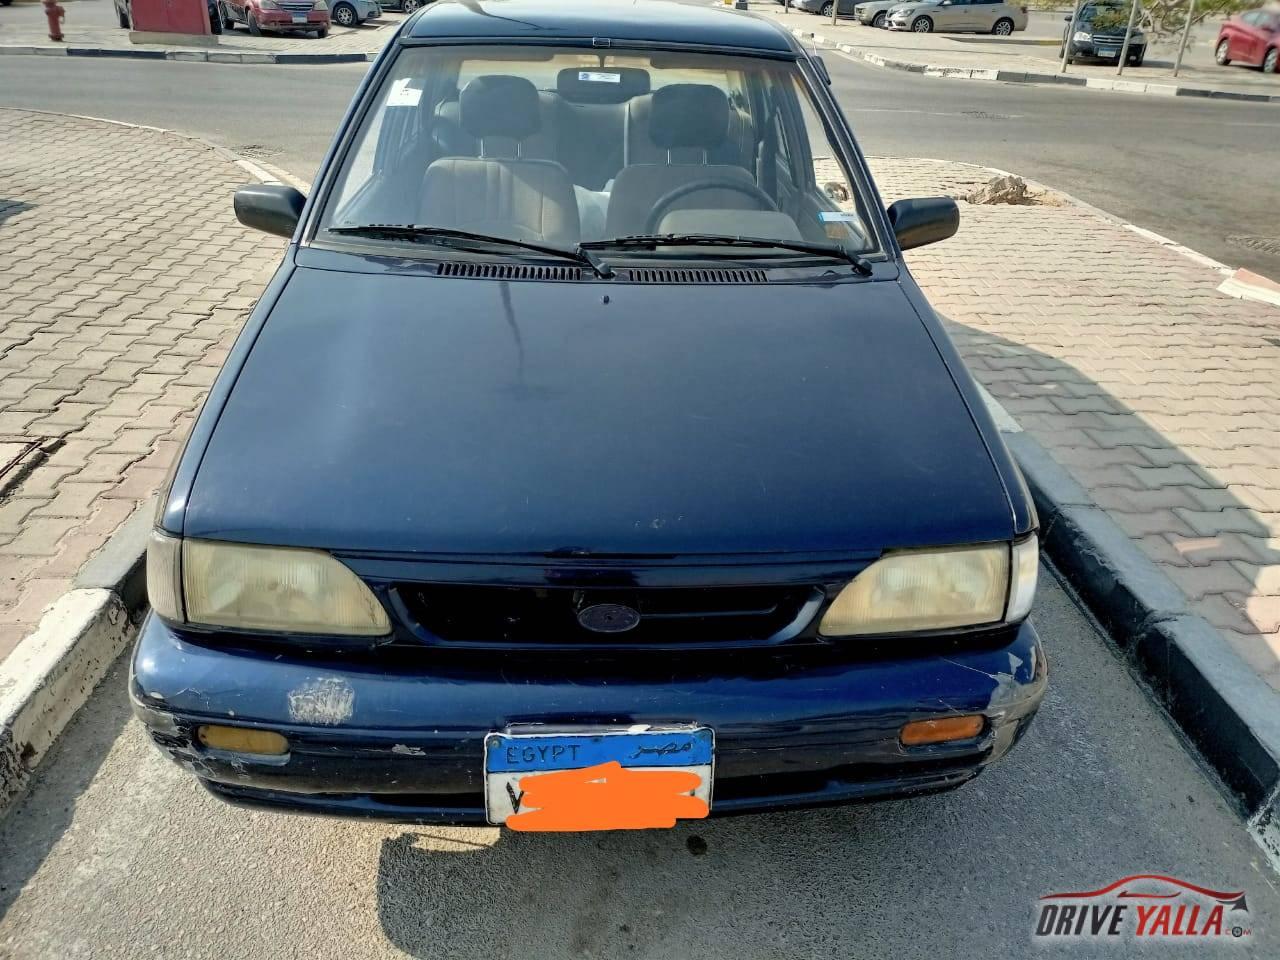 كيا برايد مستعملة للبيع فى مصر 2000